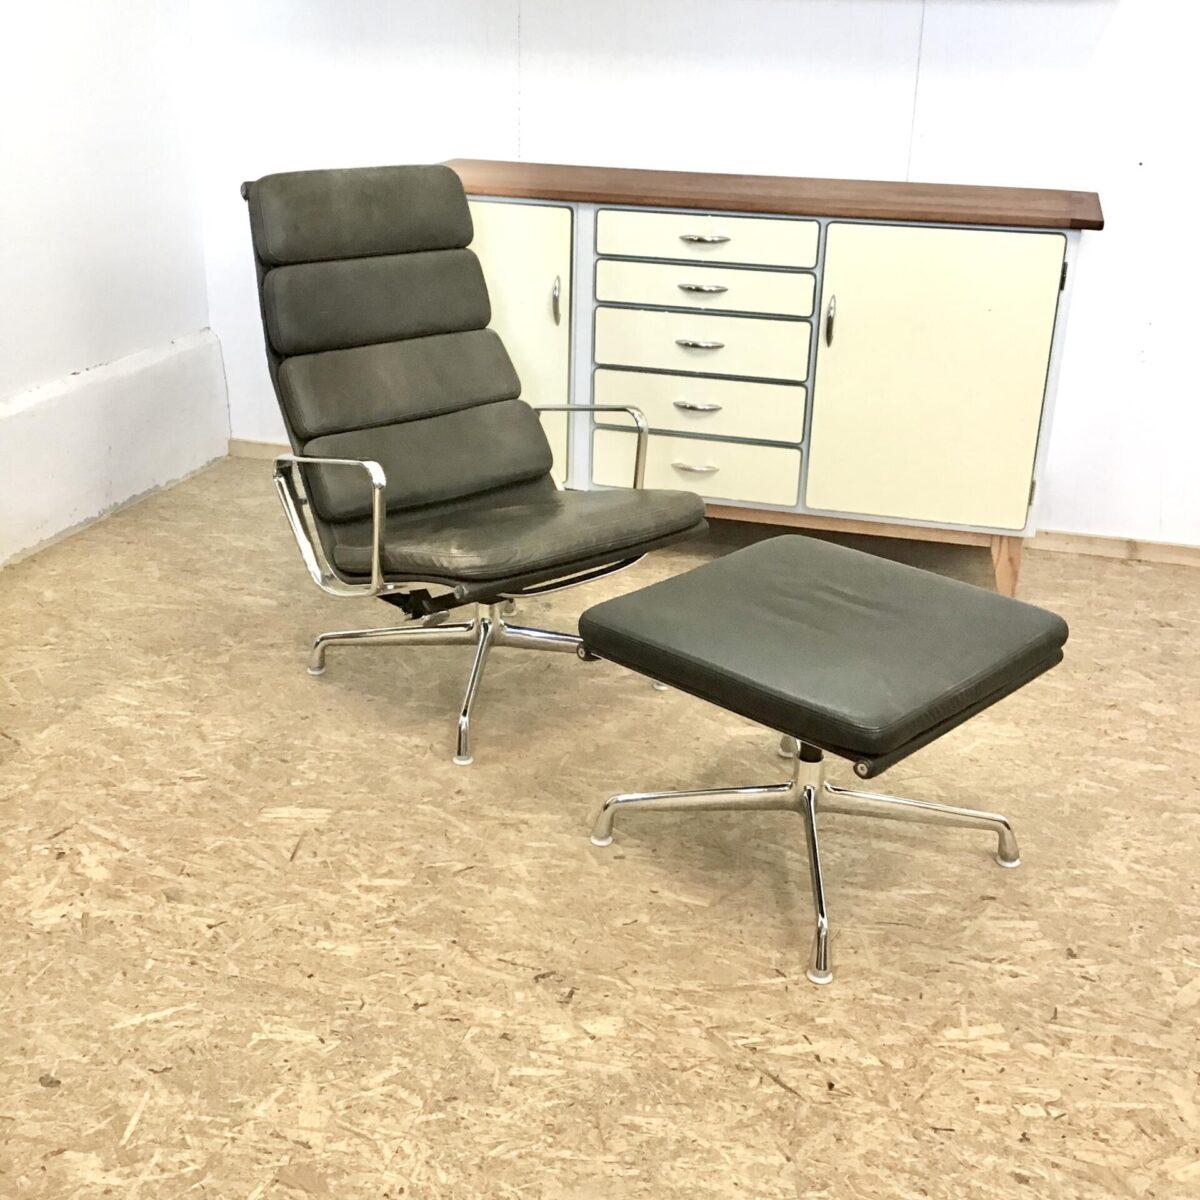 Deuxieme.shop Eames Ledersessel. Vitra Soft Pad Chair EA 222 von Charles und Ray Eames plus Stool EA 223. Leichter Farbunterschied zwischen Hocker und Chair, durch verschieden starke Nutzung. Technisch soweit alles in gutem Zustand.